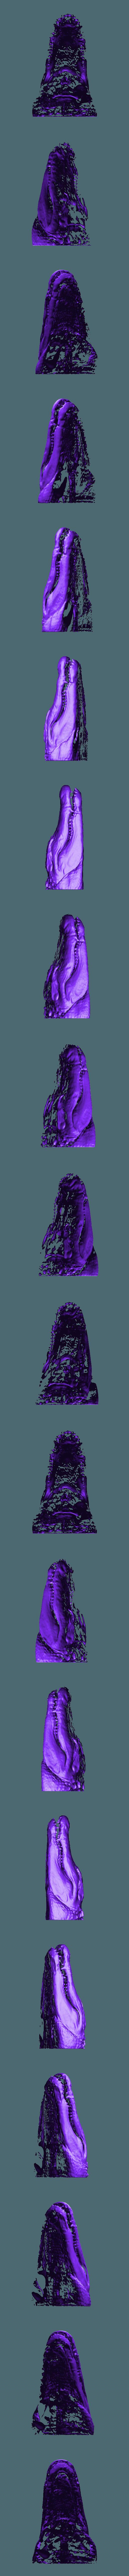 aligator_head.stl Télécharger fichier STL gratuit Gator l'alligator - tomodensitométrie • Objet imprimable en 3D, Valchanov